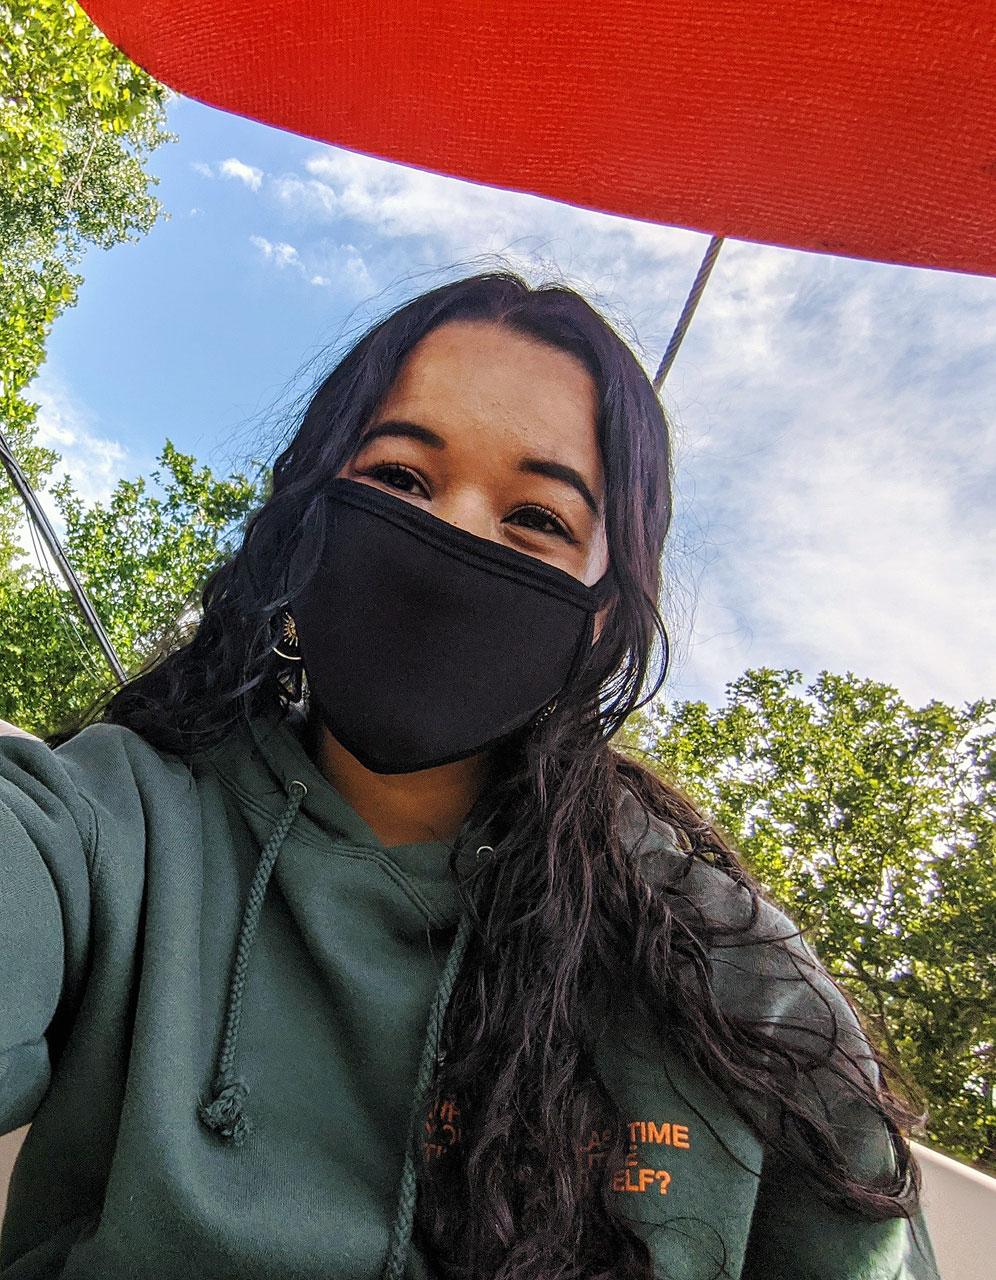 Maria Garrard shares a mask selfie